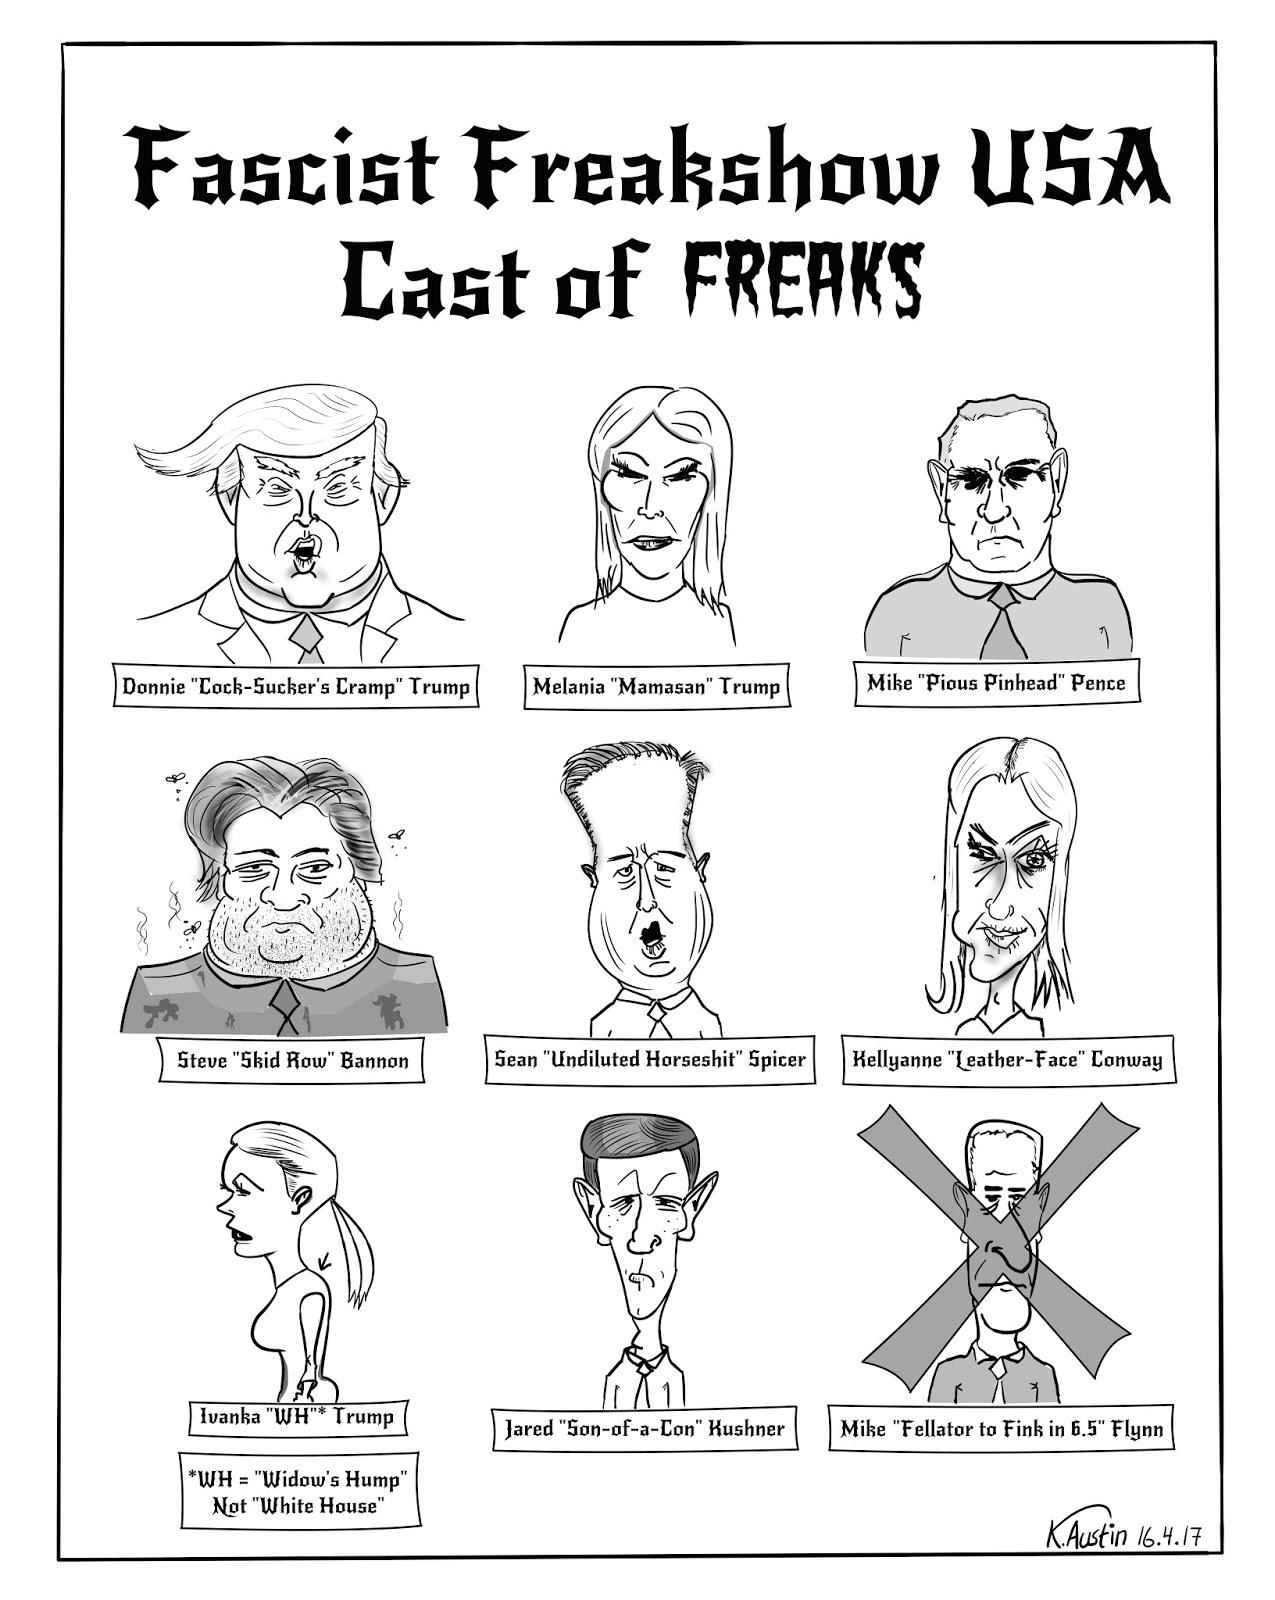 Freak's Own 11: Fascist Freakshow USA